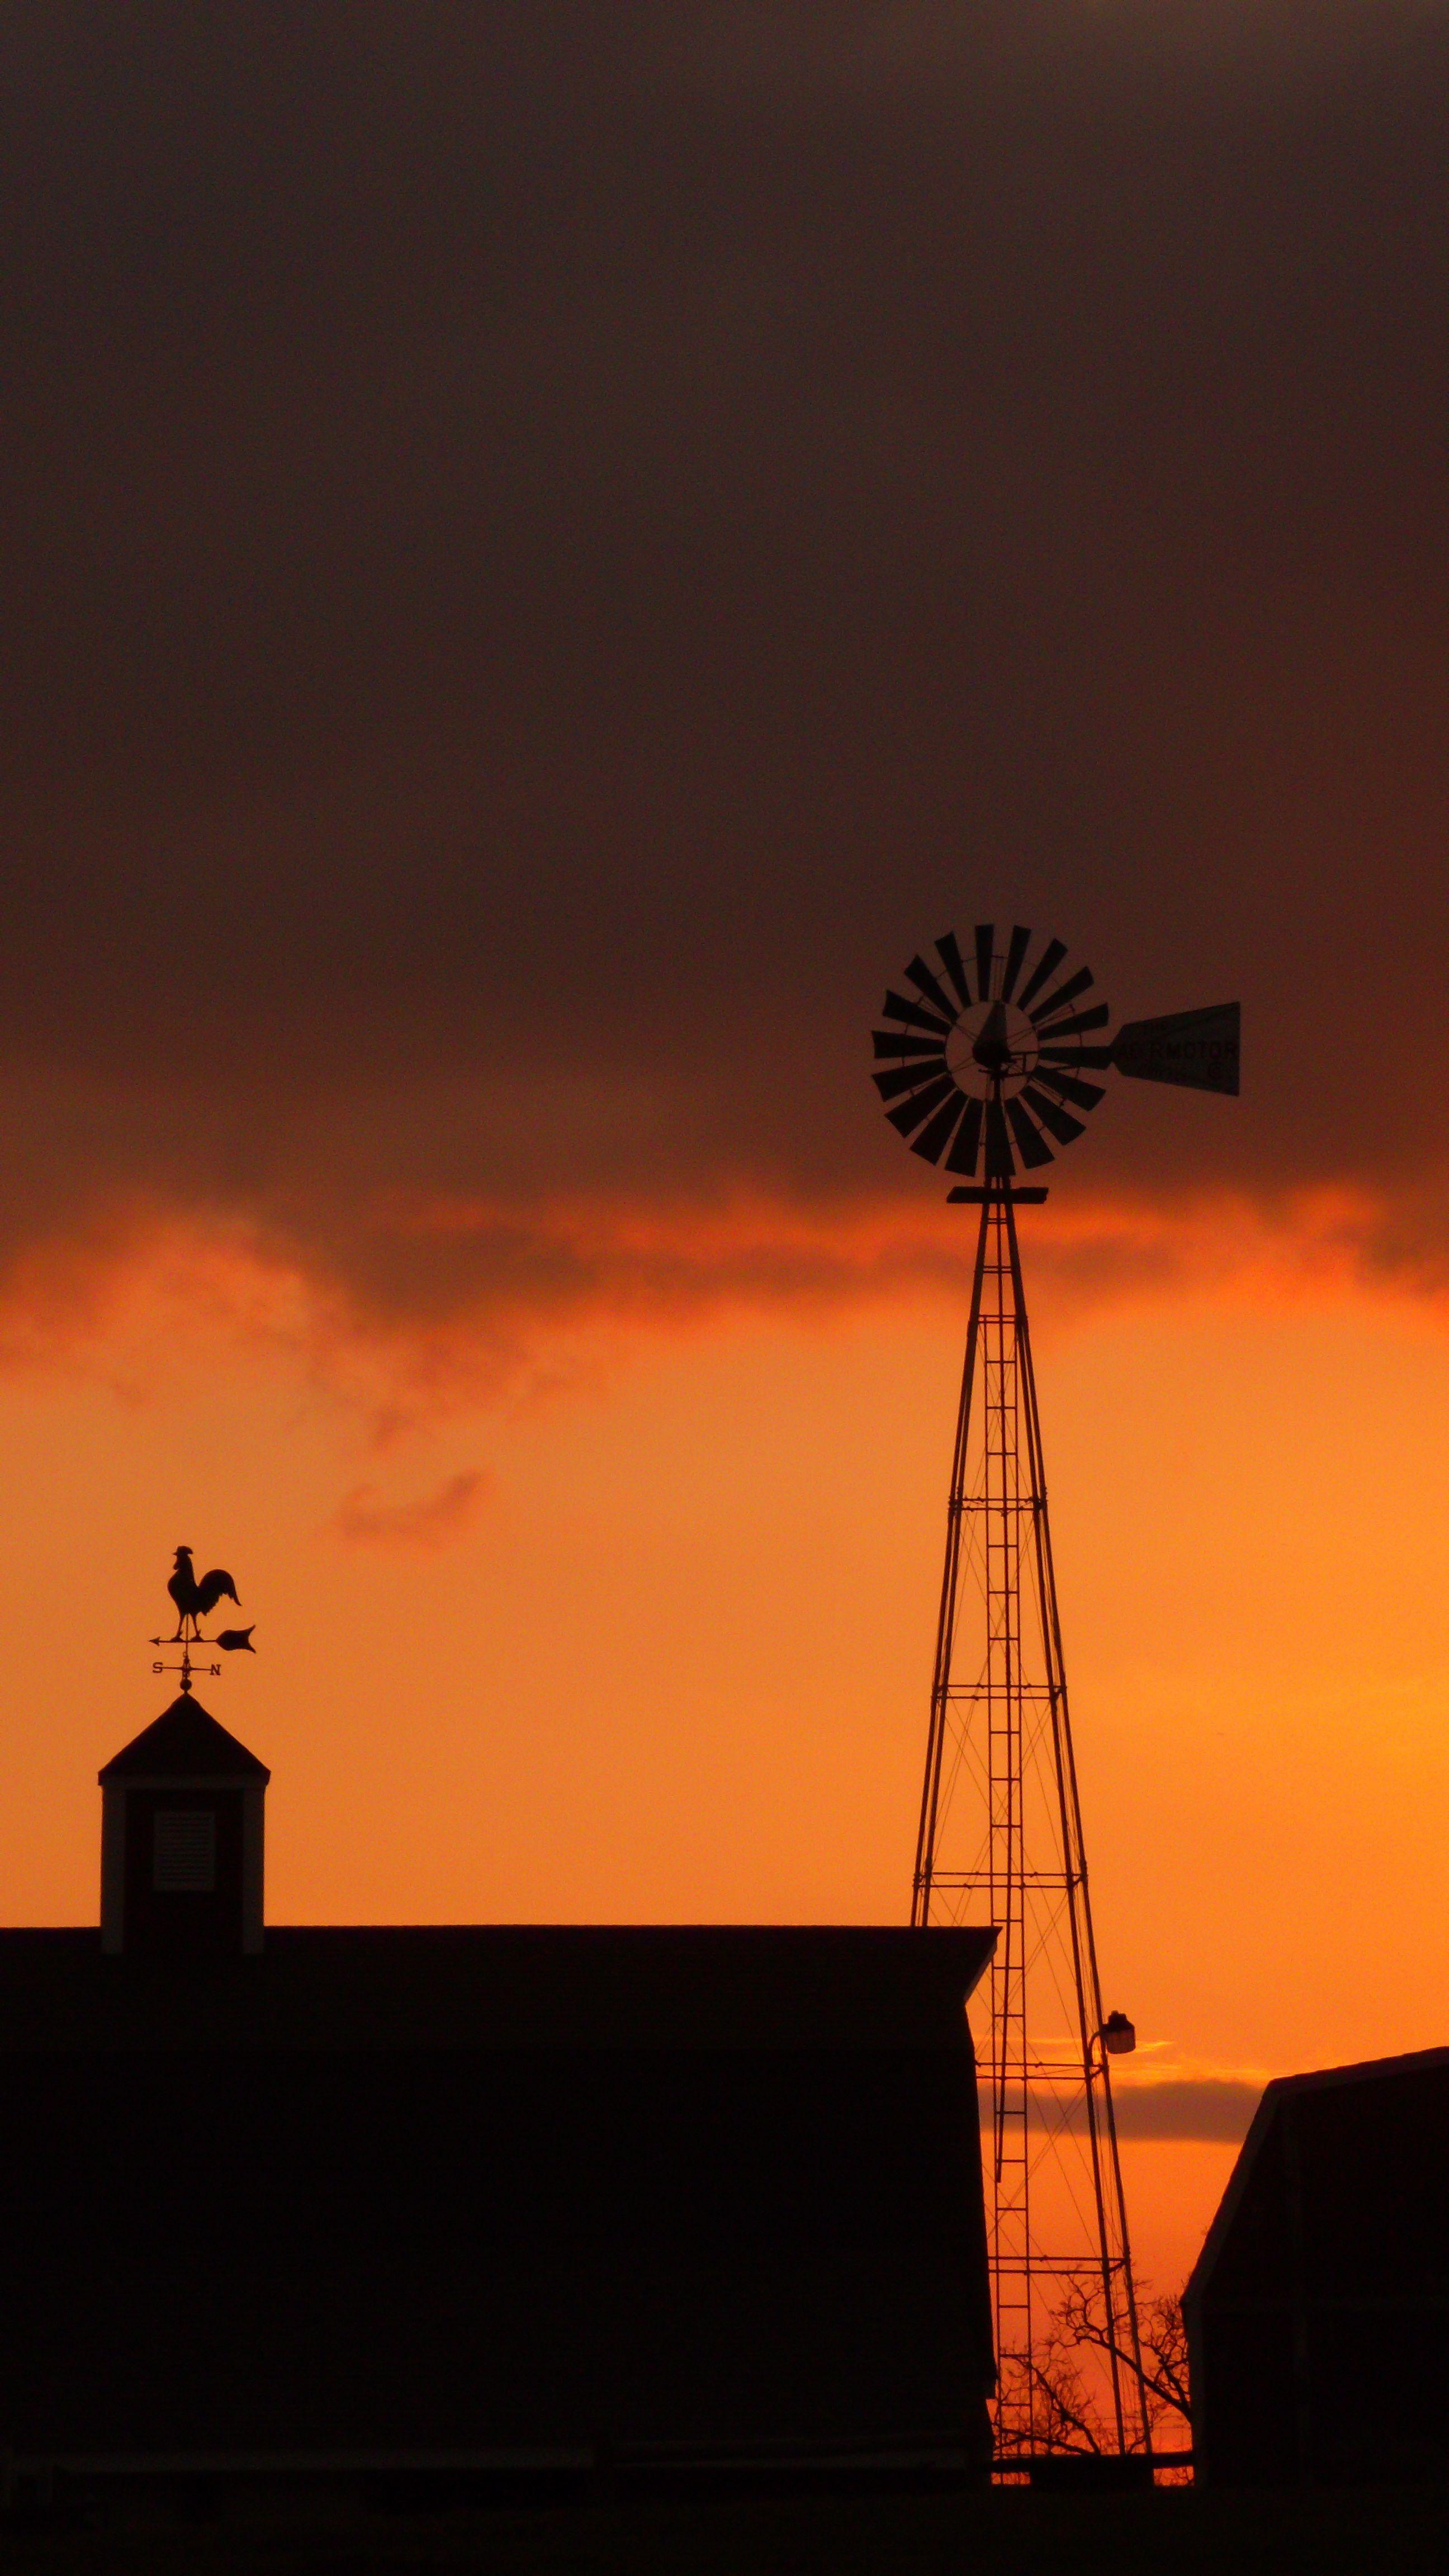 windmilldownload